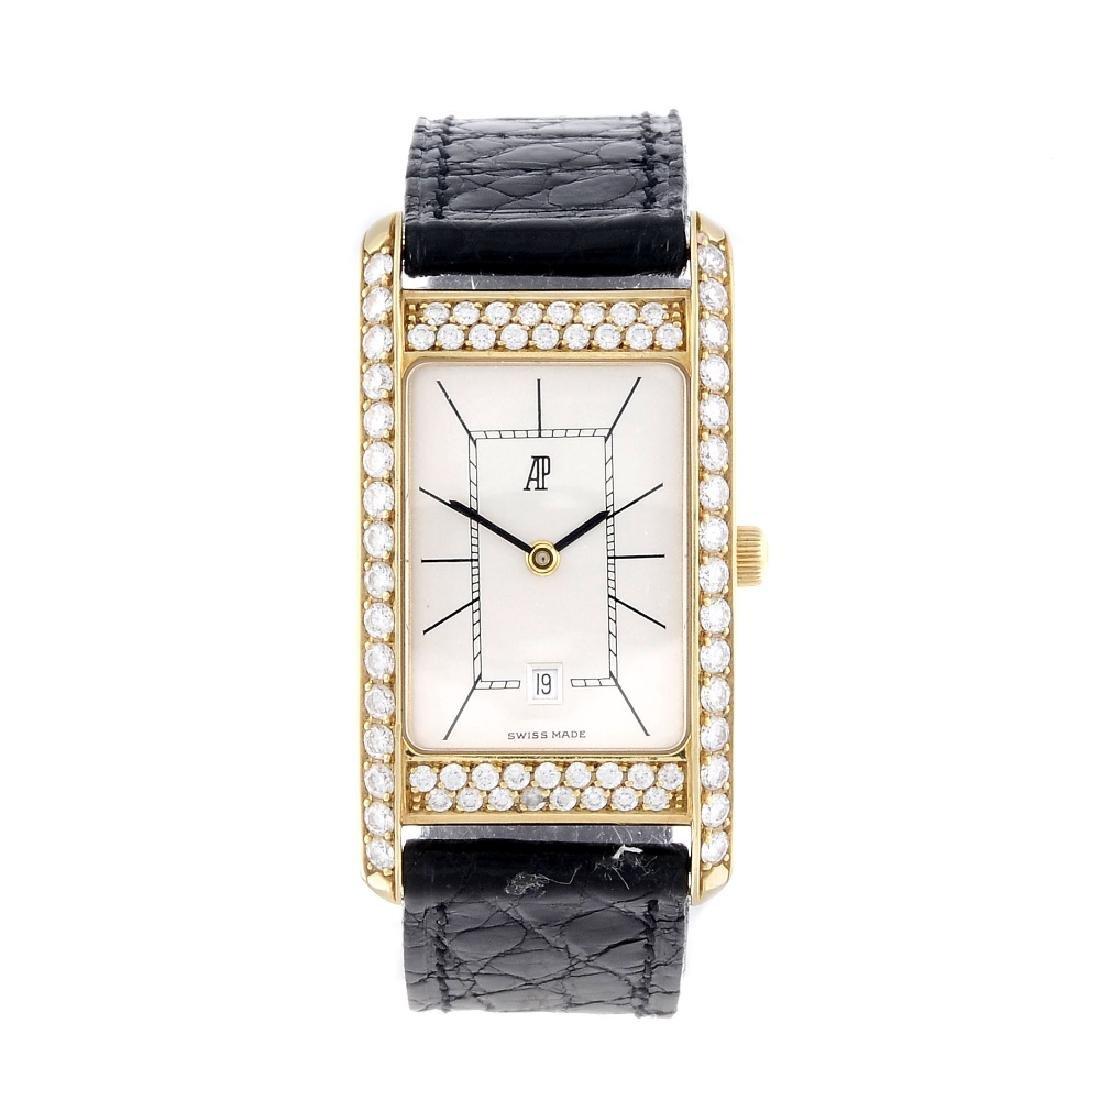 AUDEMARS PIGUET - a lady's wrist watch. Factory diamond